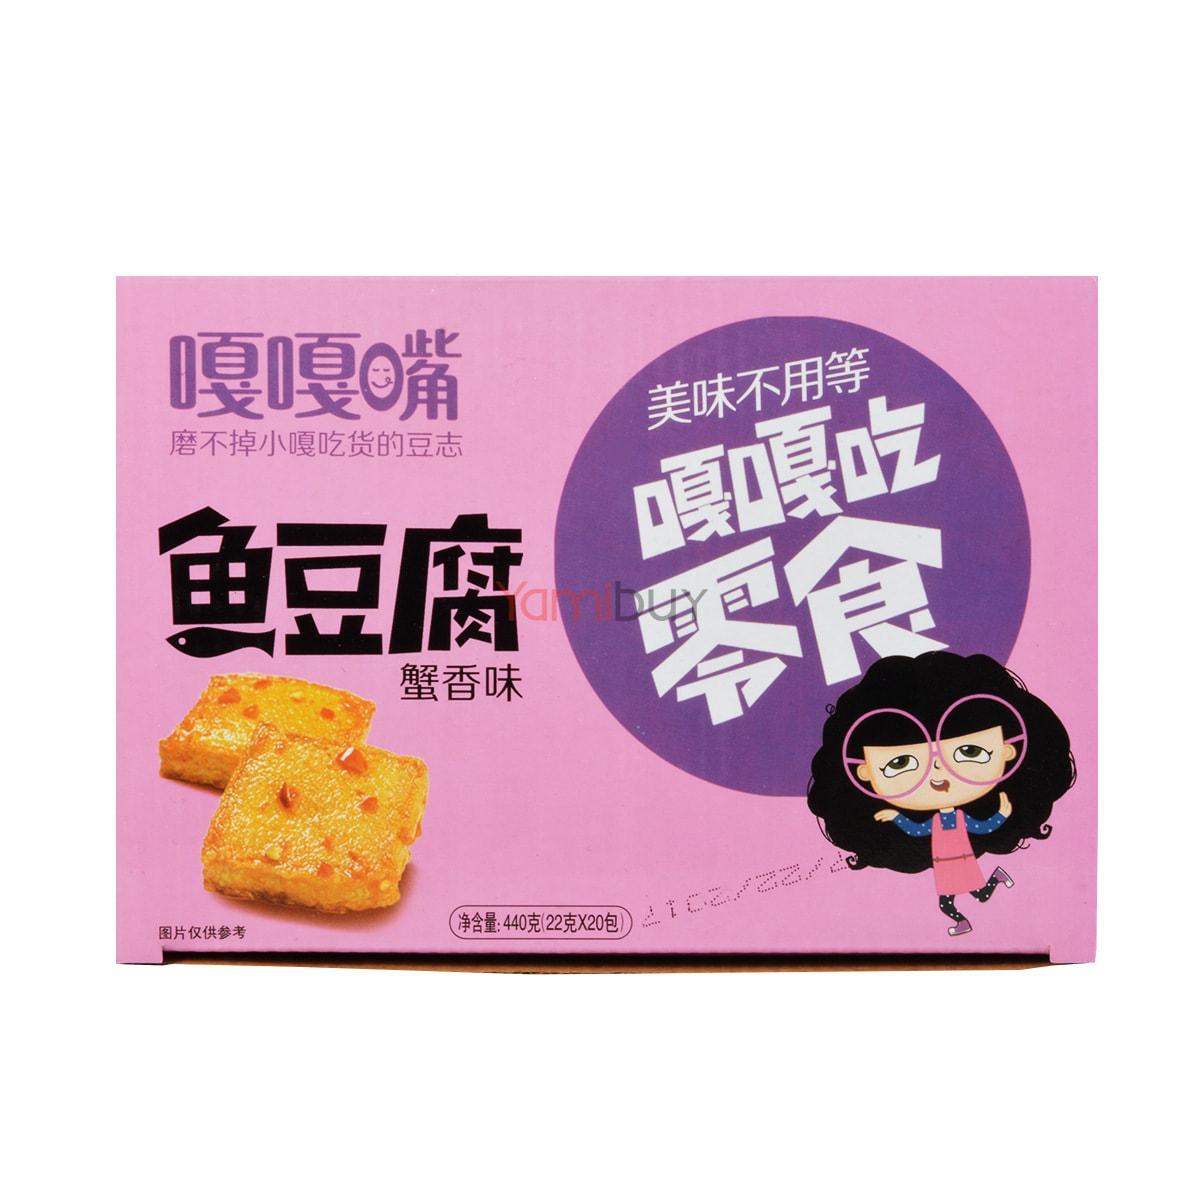 嘎嘎嘴 经典鱼豆腐 蟹香味 22g×20包入